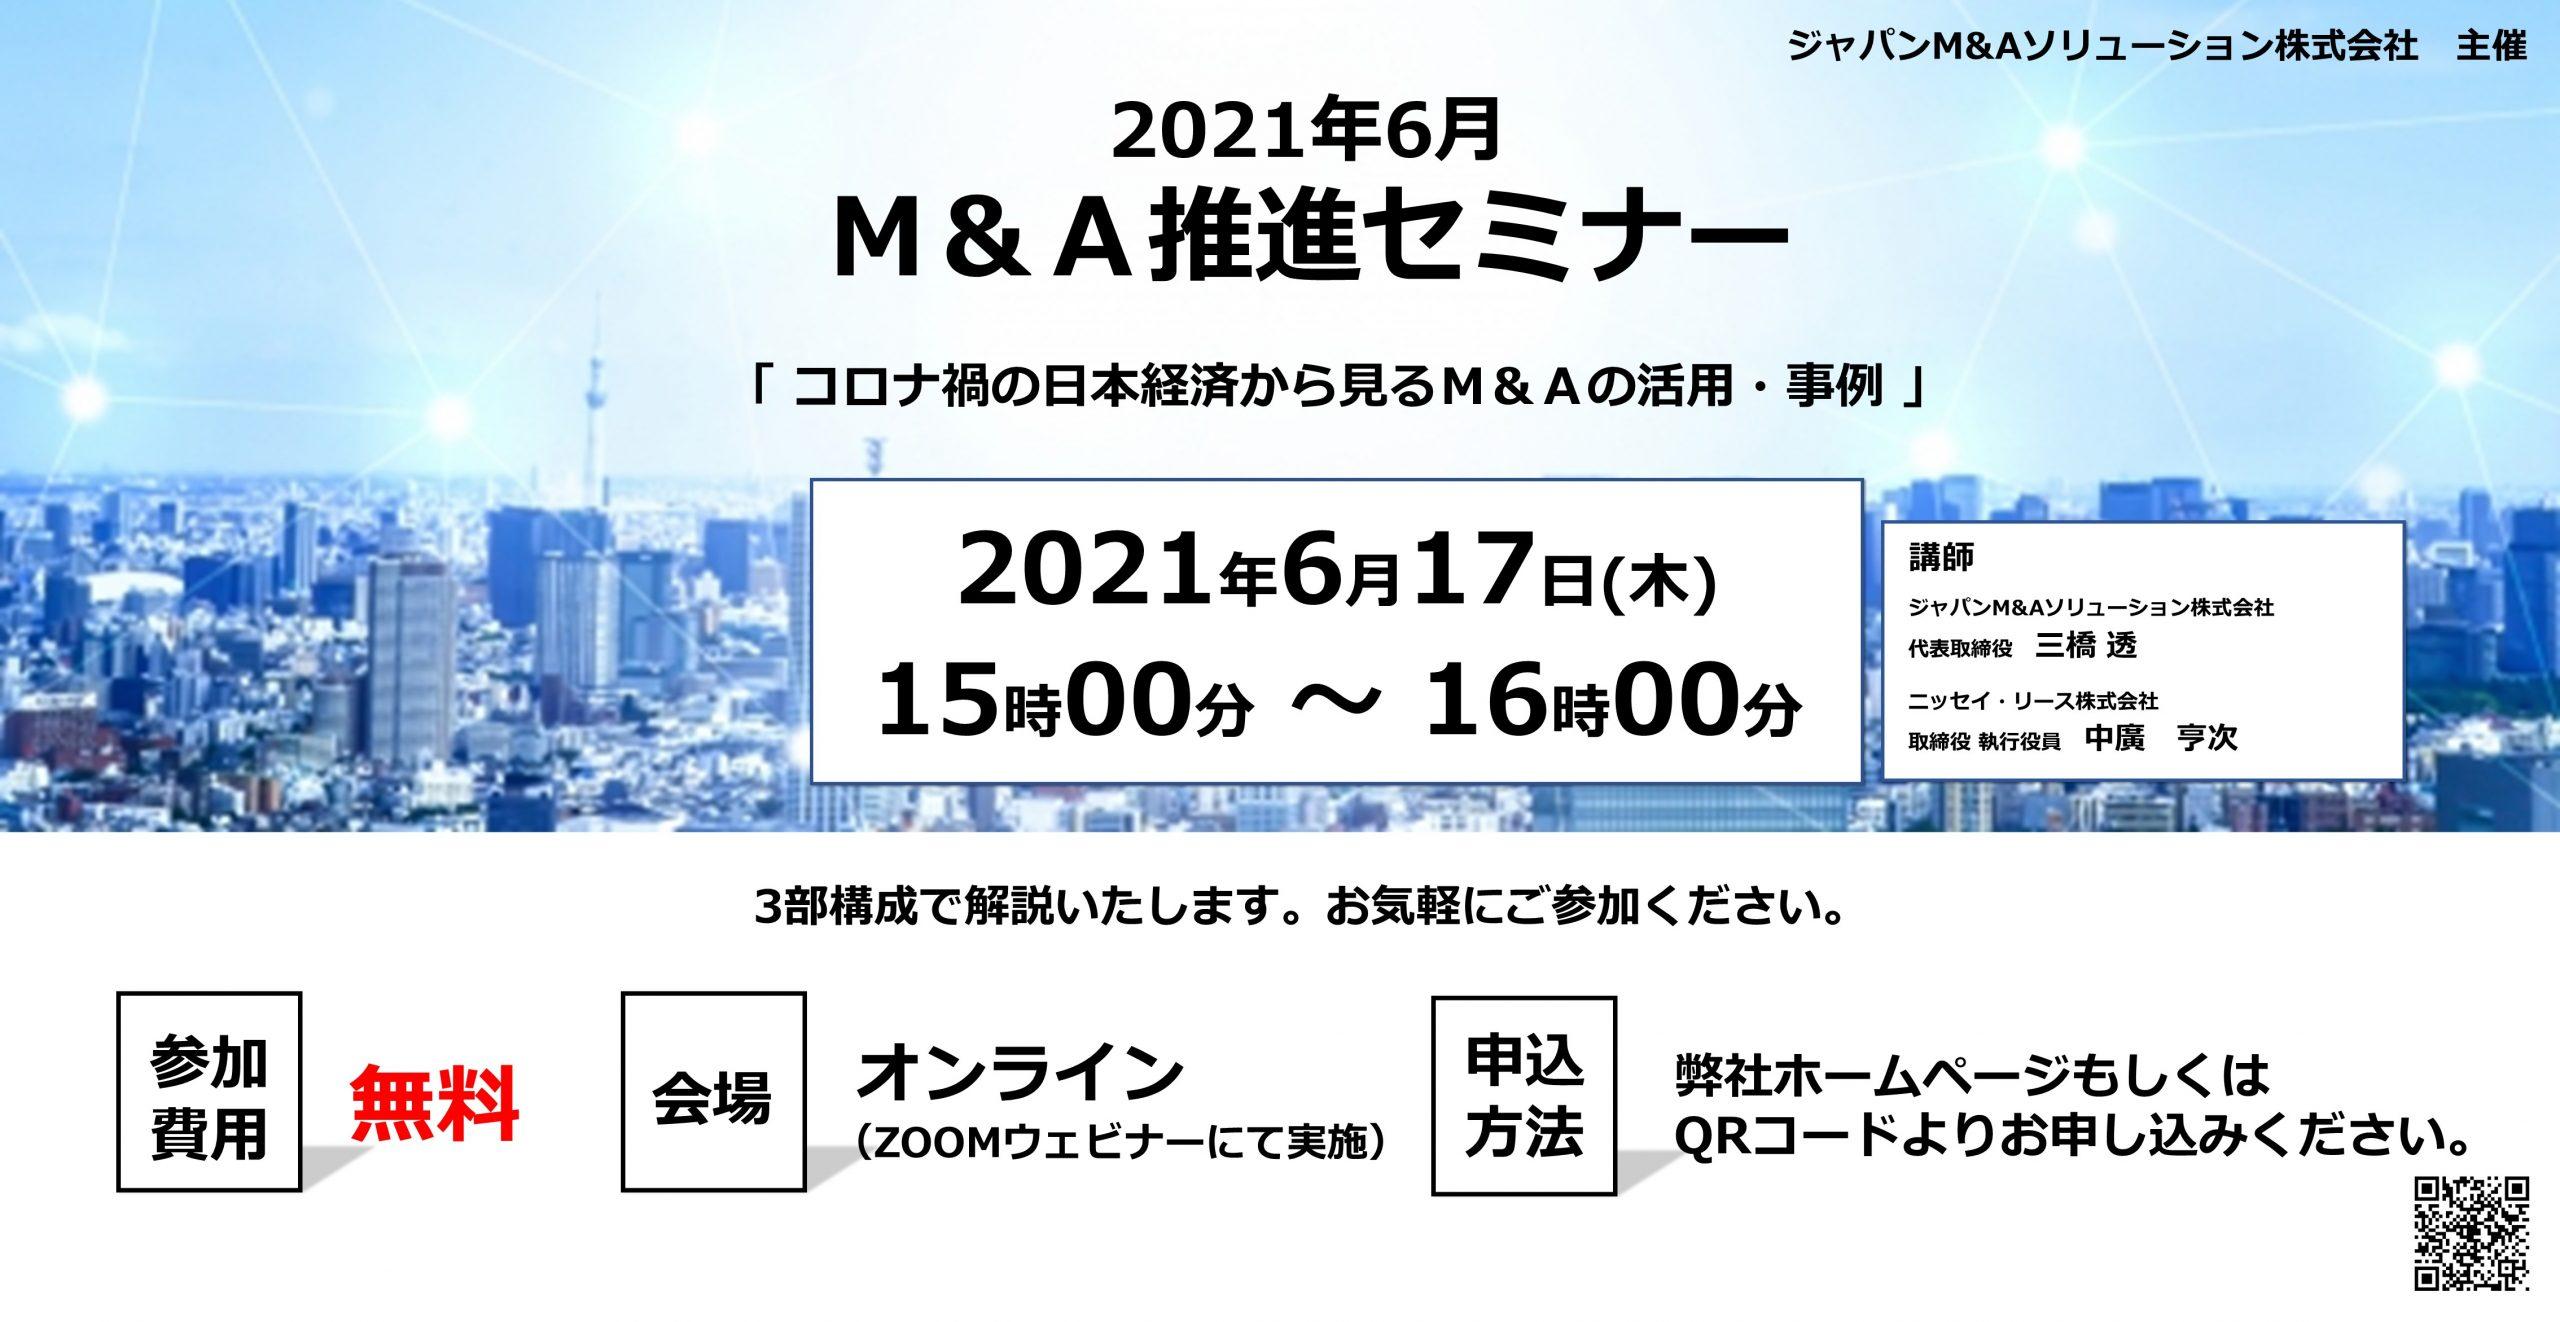 コロナ禍における日本経済やM&Aについて、3部構成でそれぞれの専門家が解説。